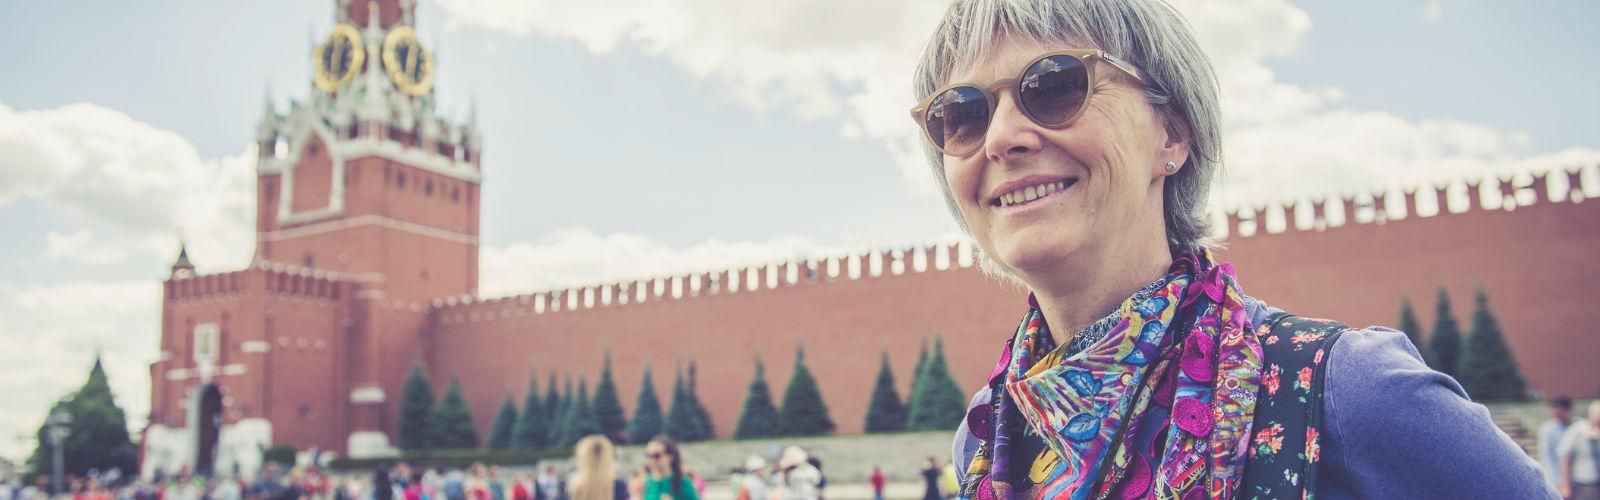 Мария Николаевна, 59 лет, менопауза и недержание